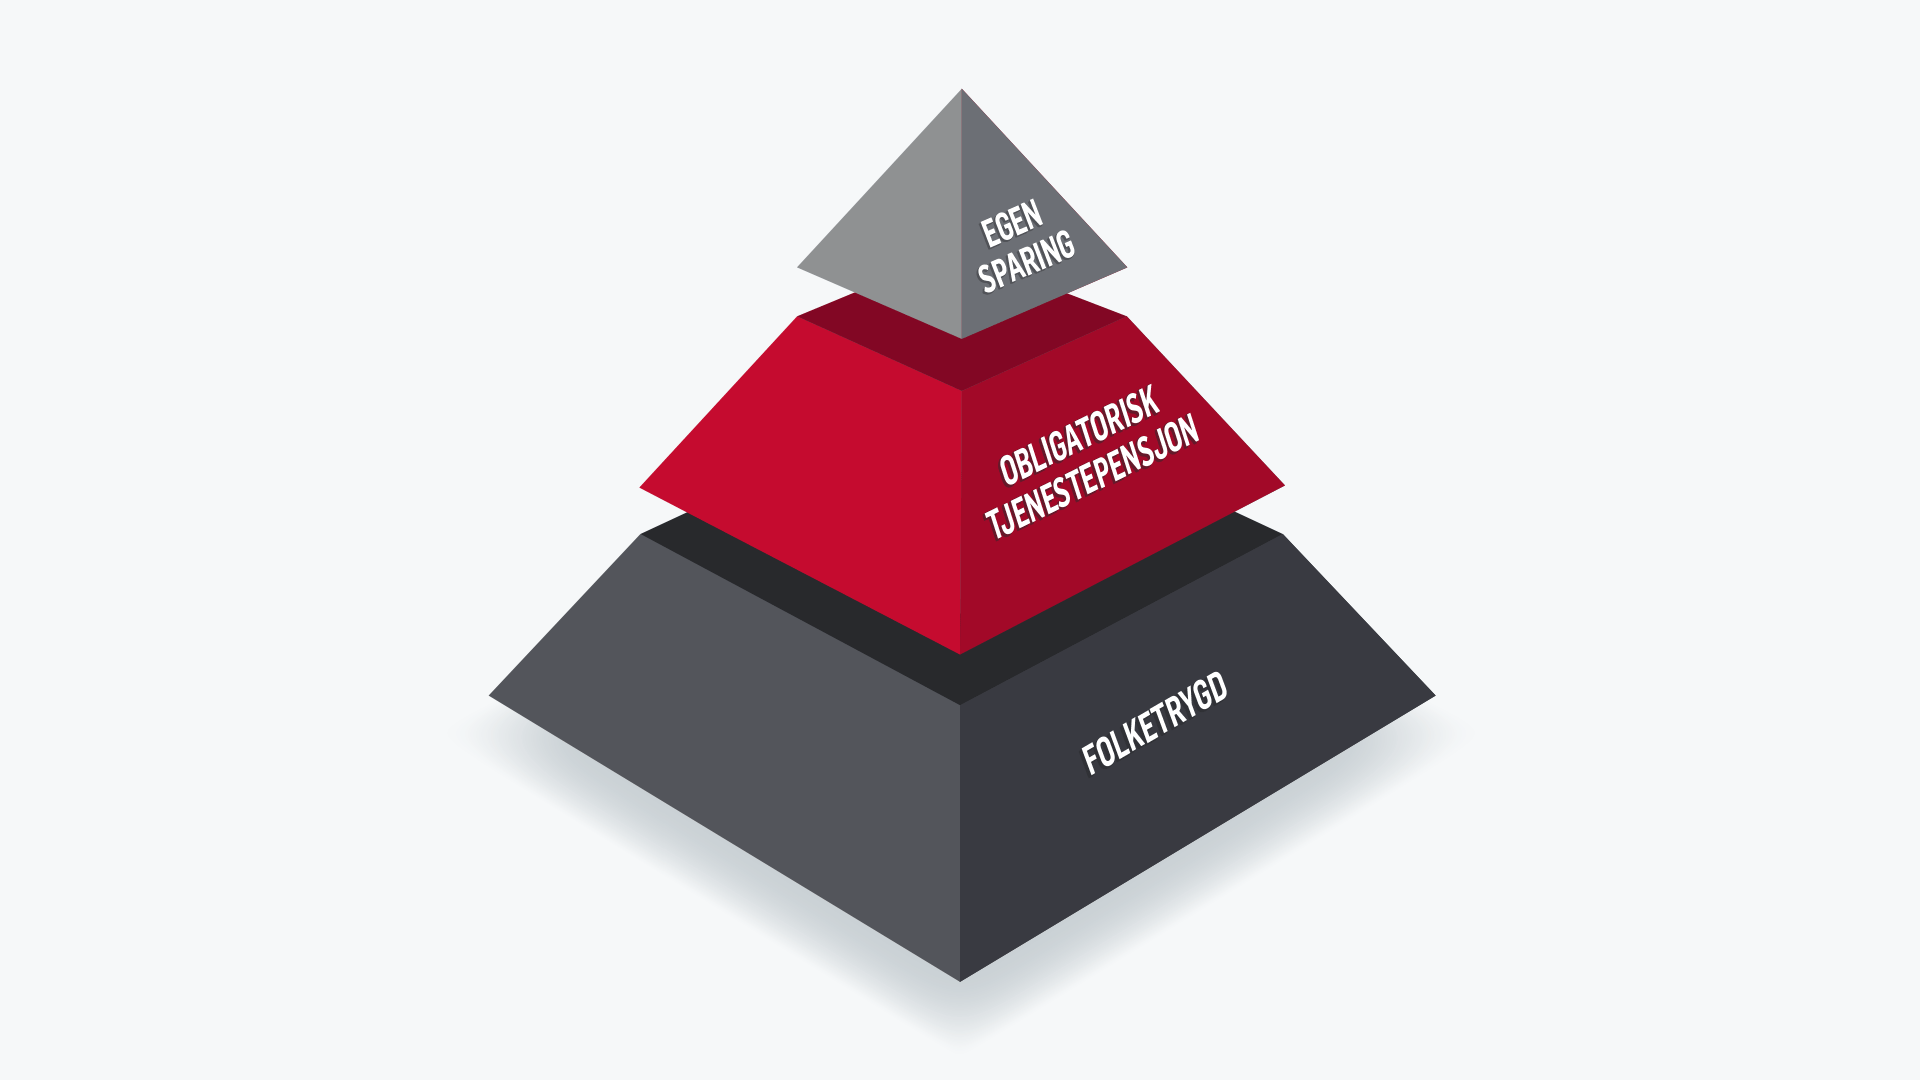 Pyramide obligatorisk tjenestepensjon